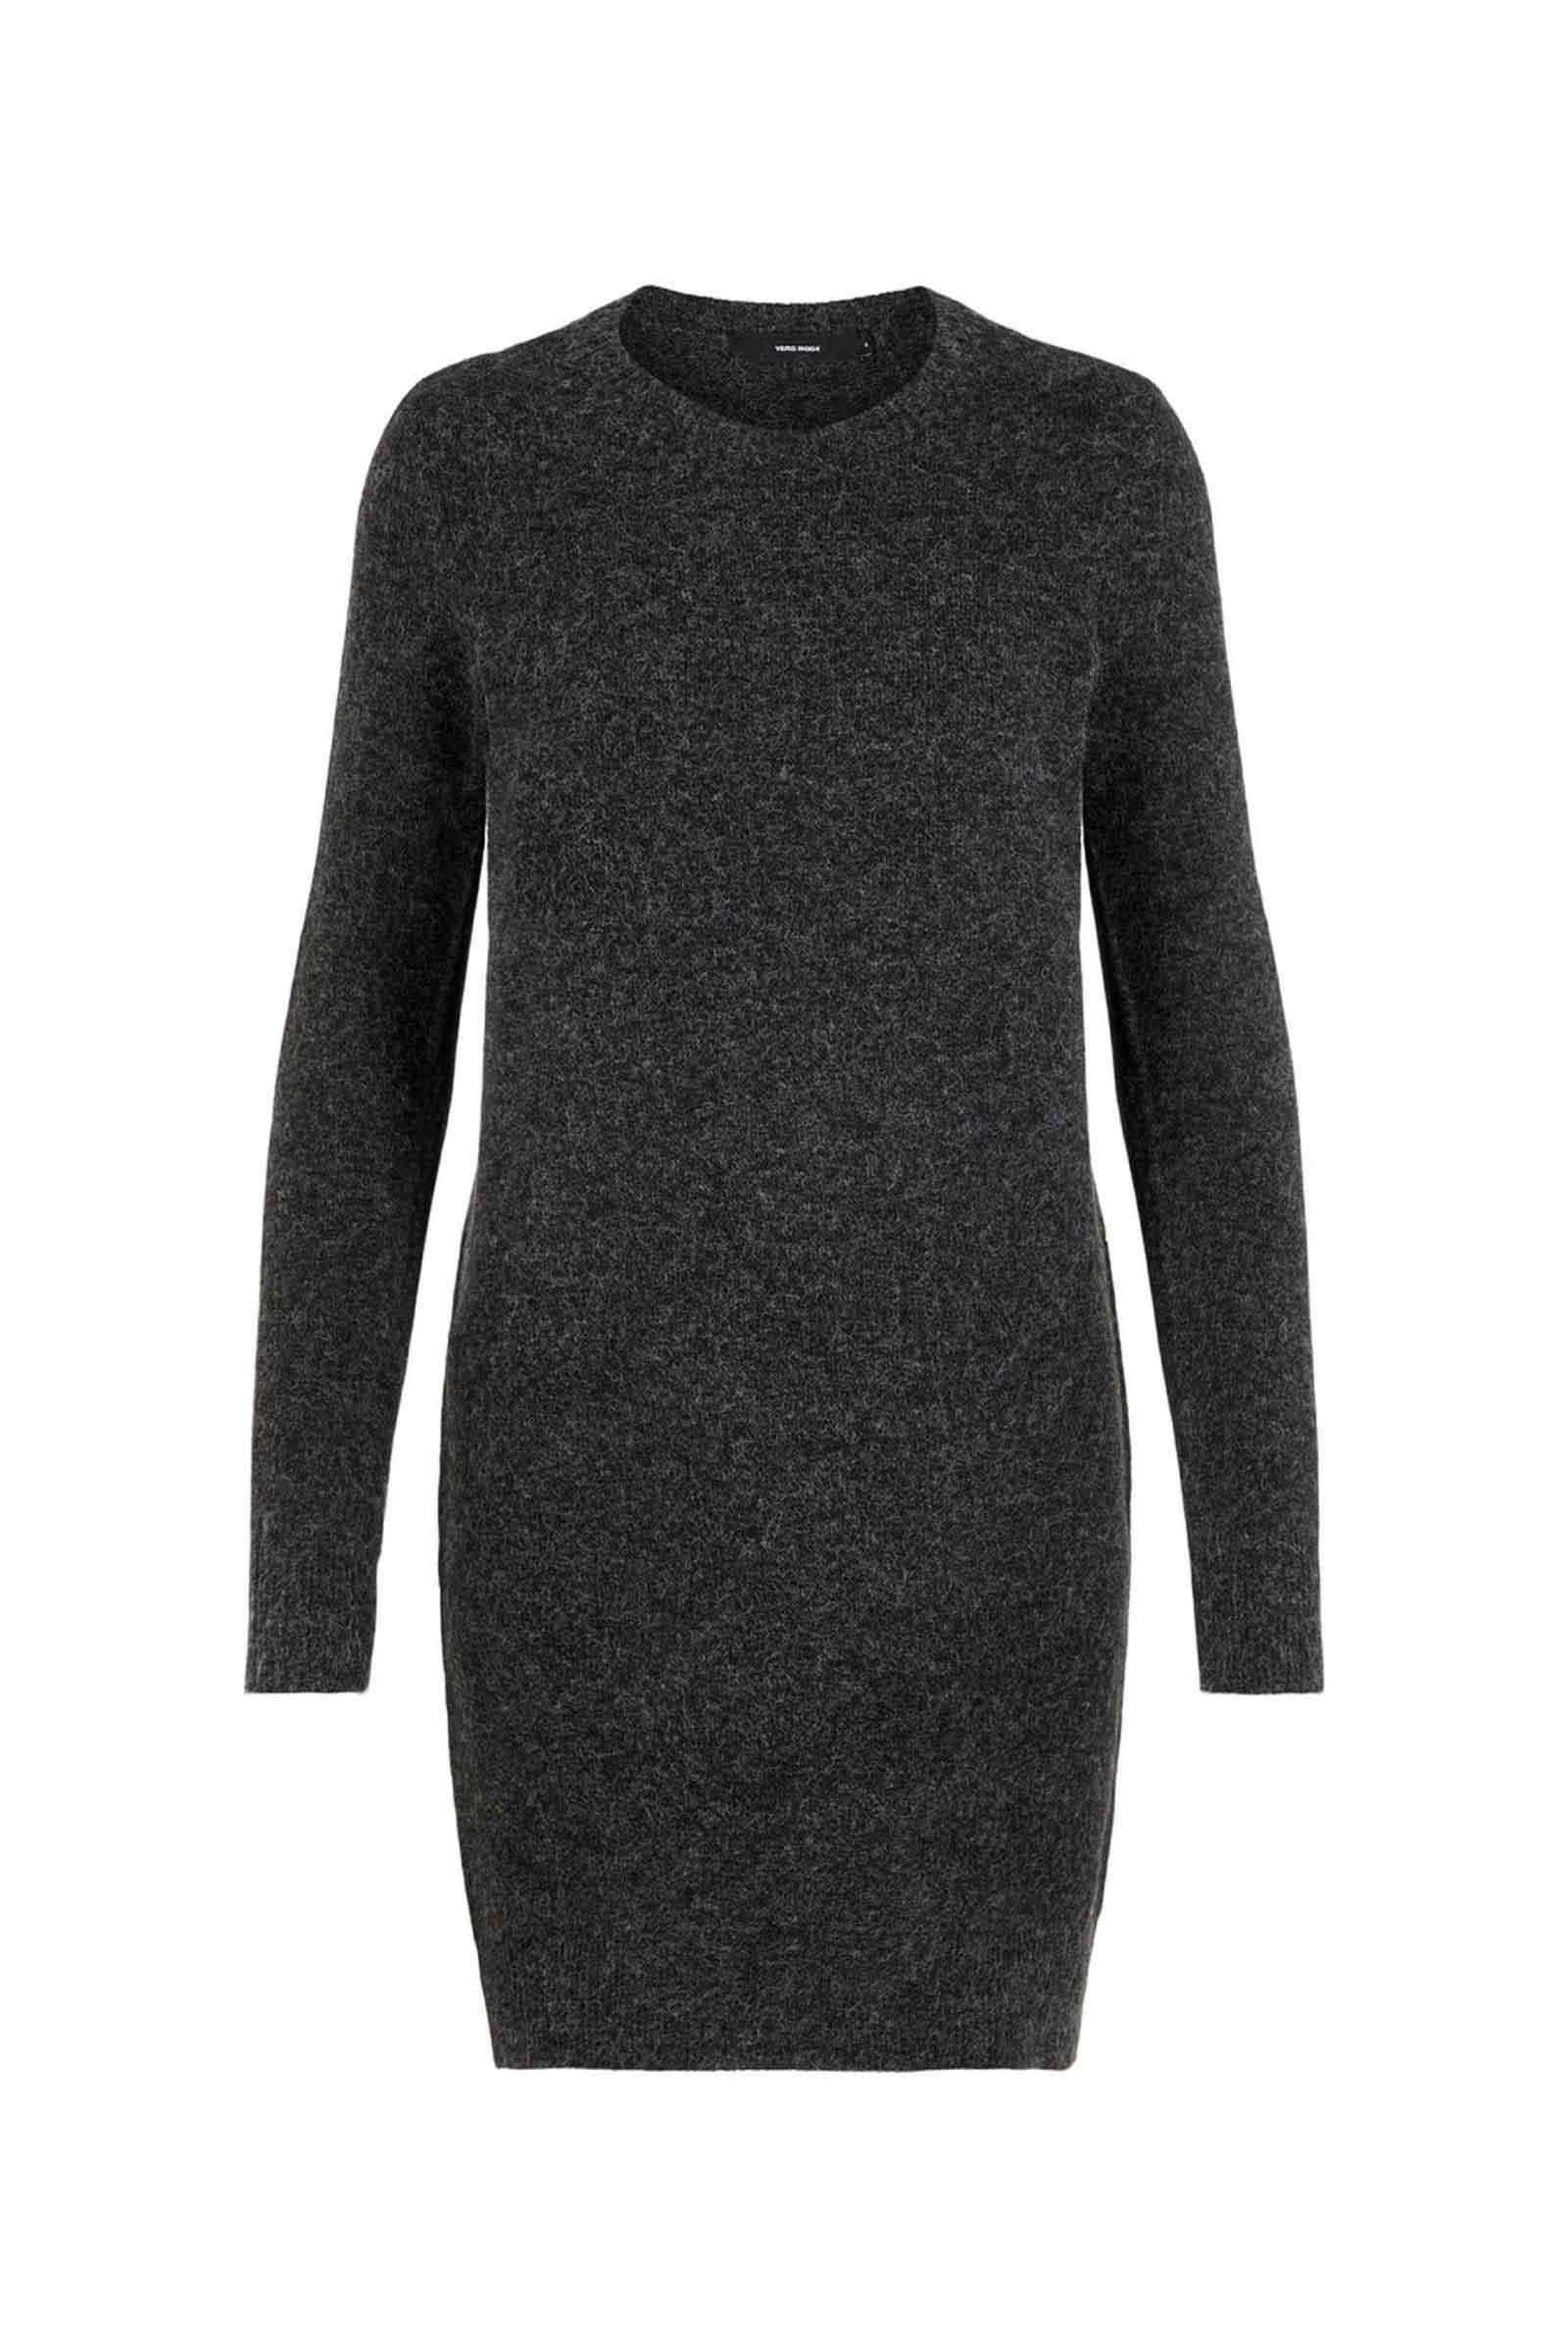 Women's Black Dress VERO MODA | Dress | 10215523Detail-MELANGE